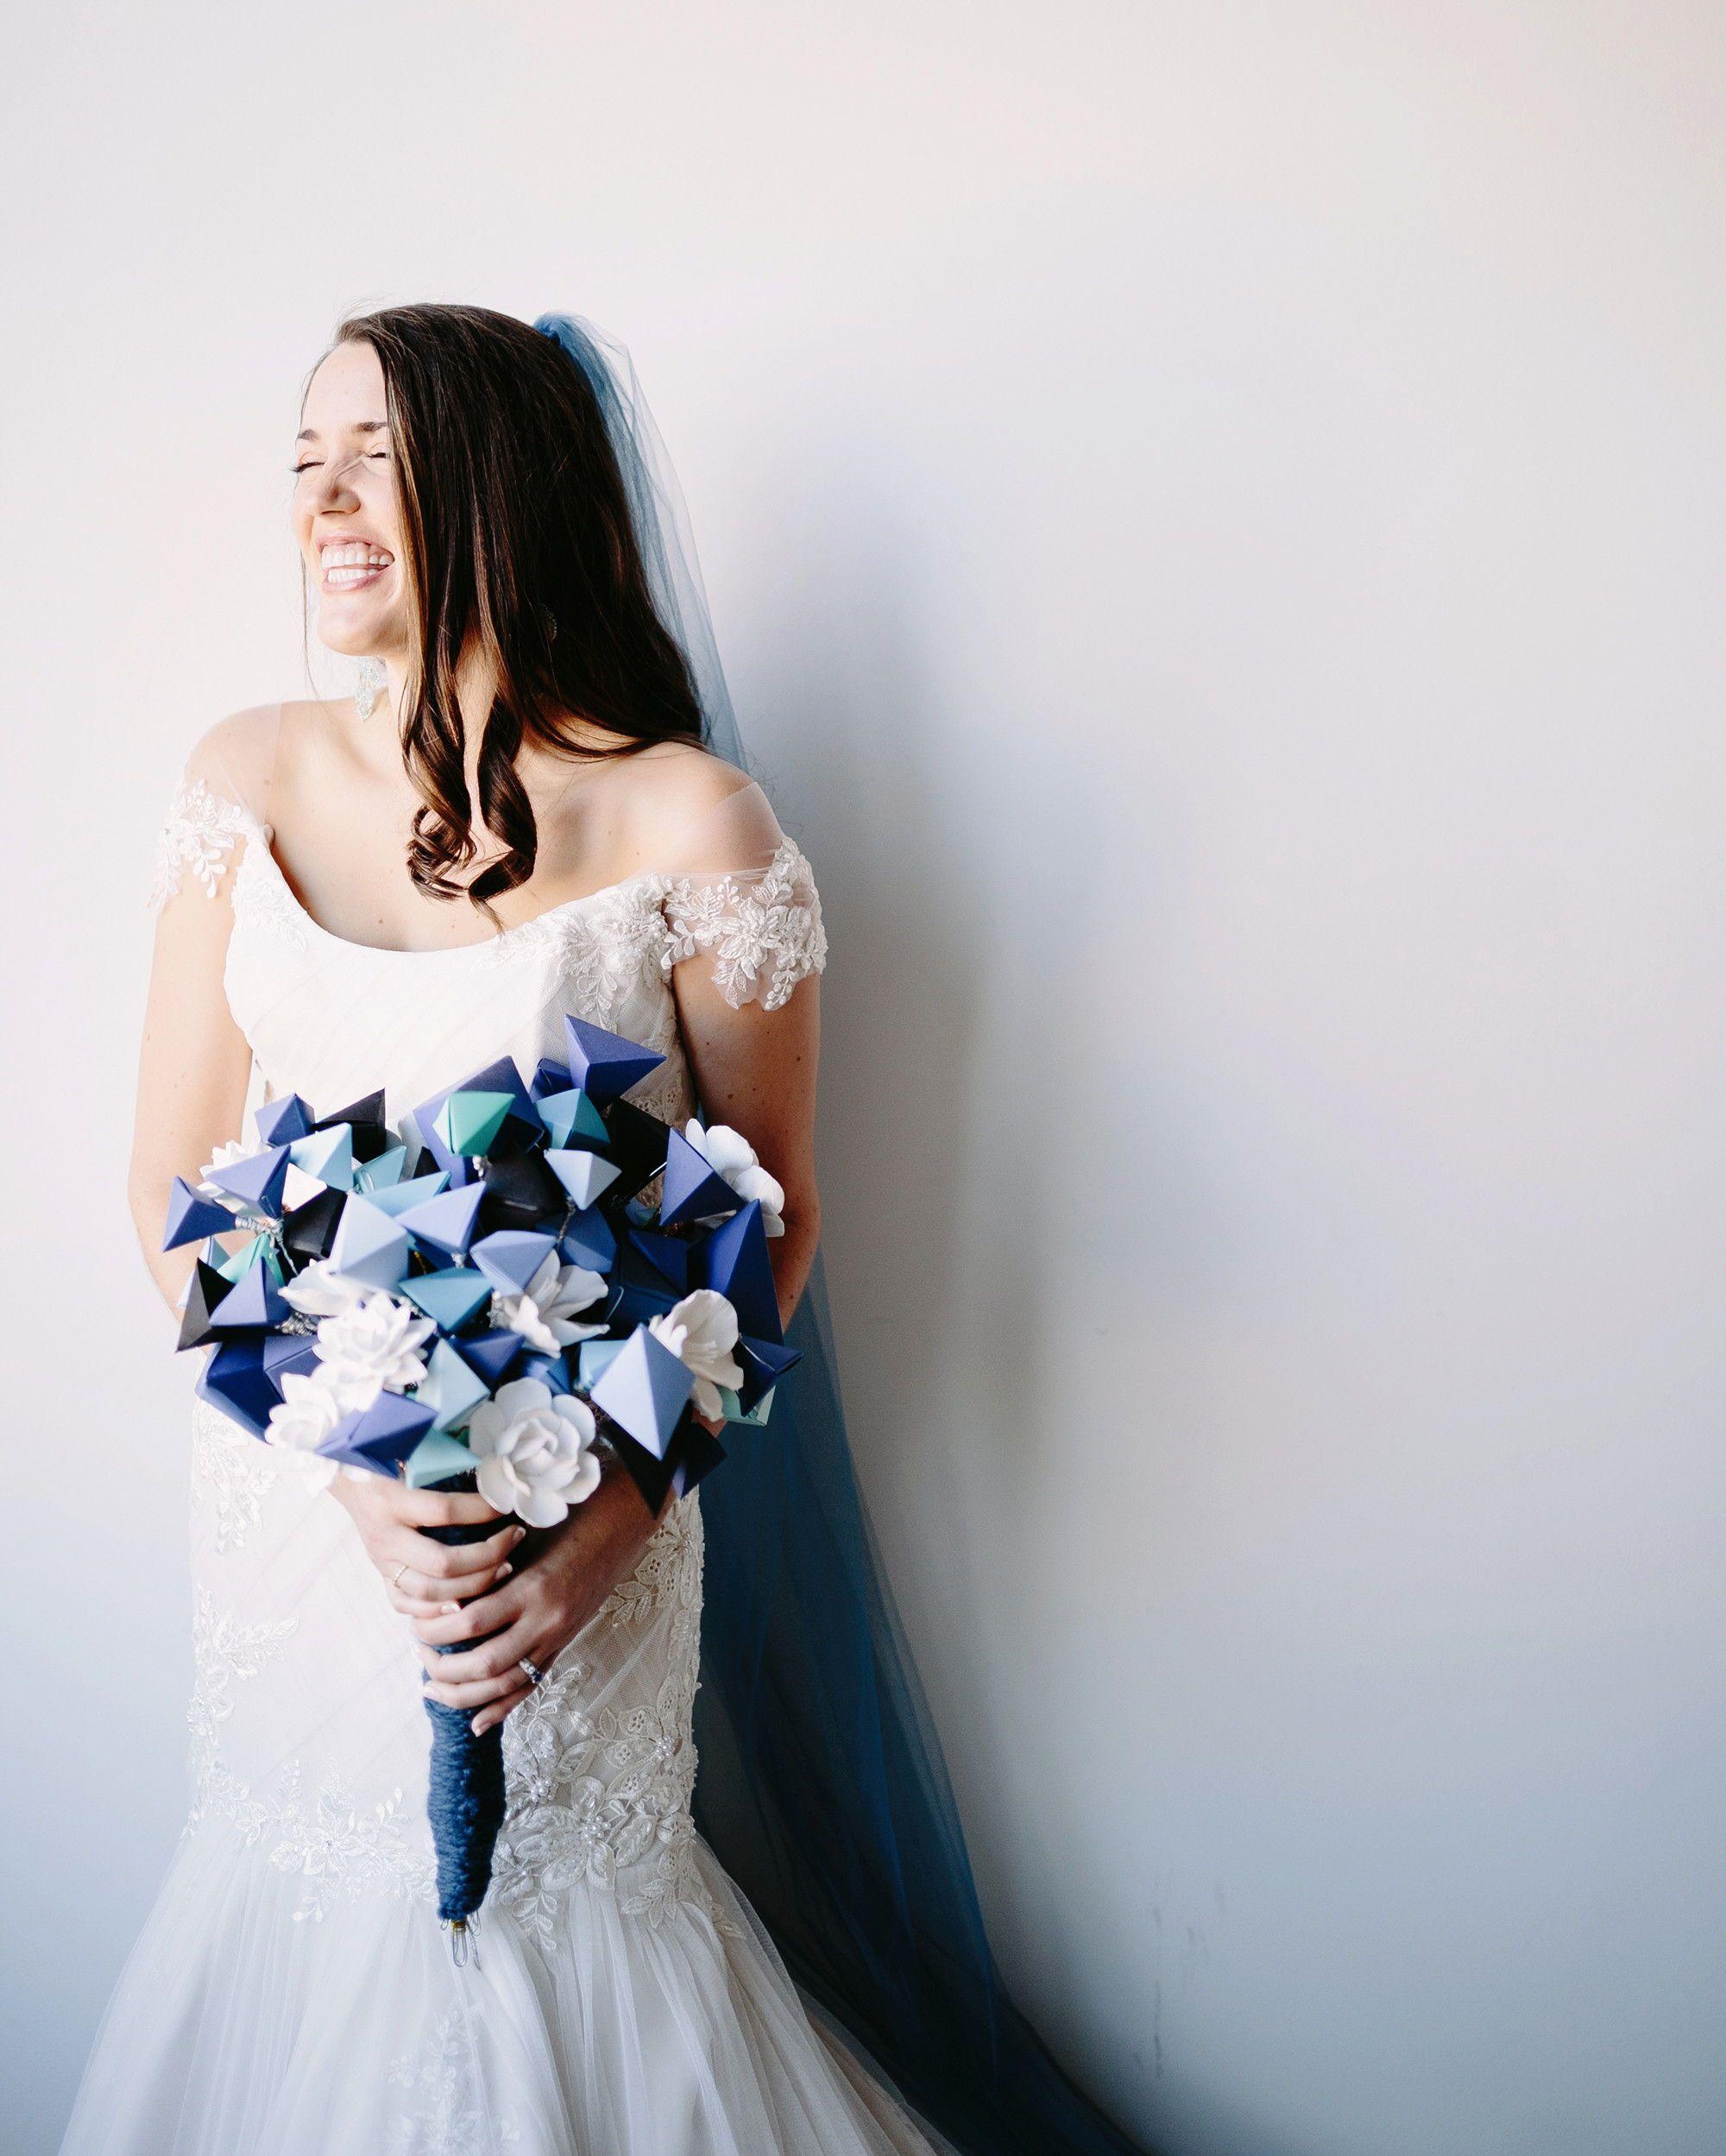 Wedding Bouquets Without Flowers: Unique Wedding Bouquets Without A Flower In Sight